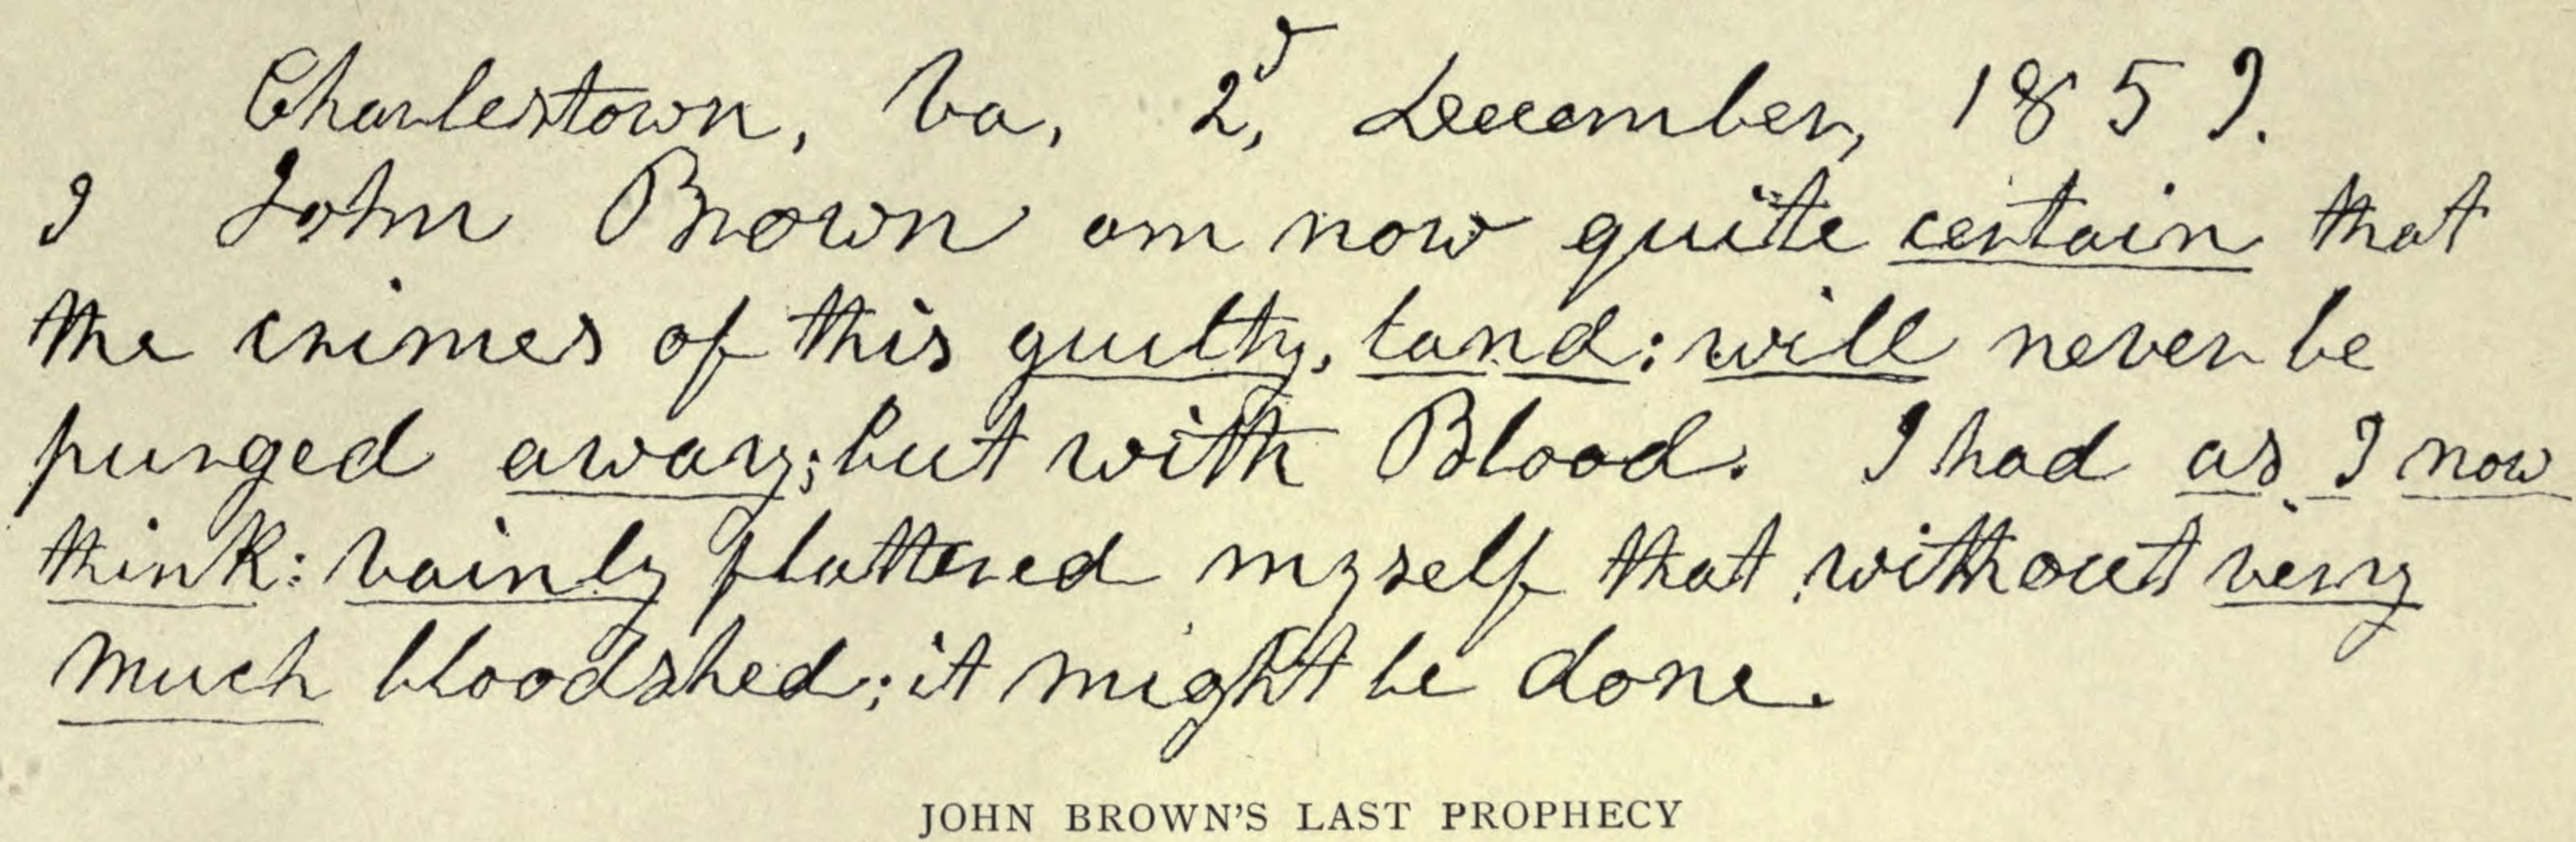 File:T-john-brown-last-prophecy.jpg